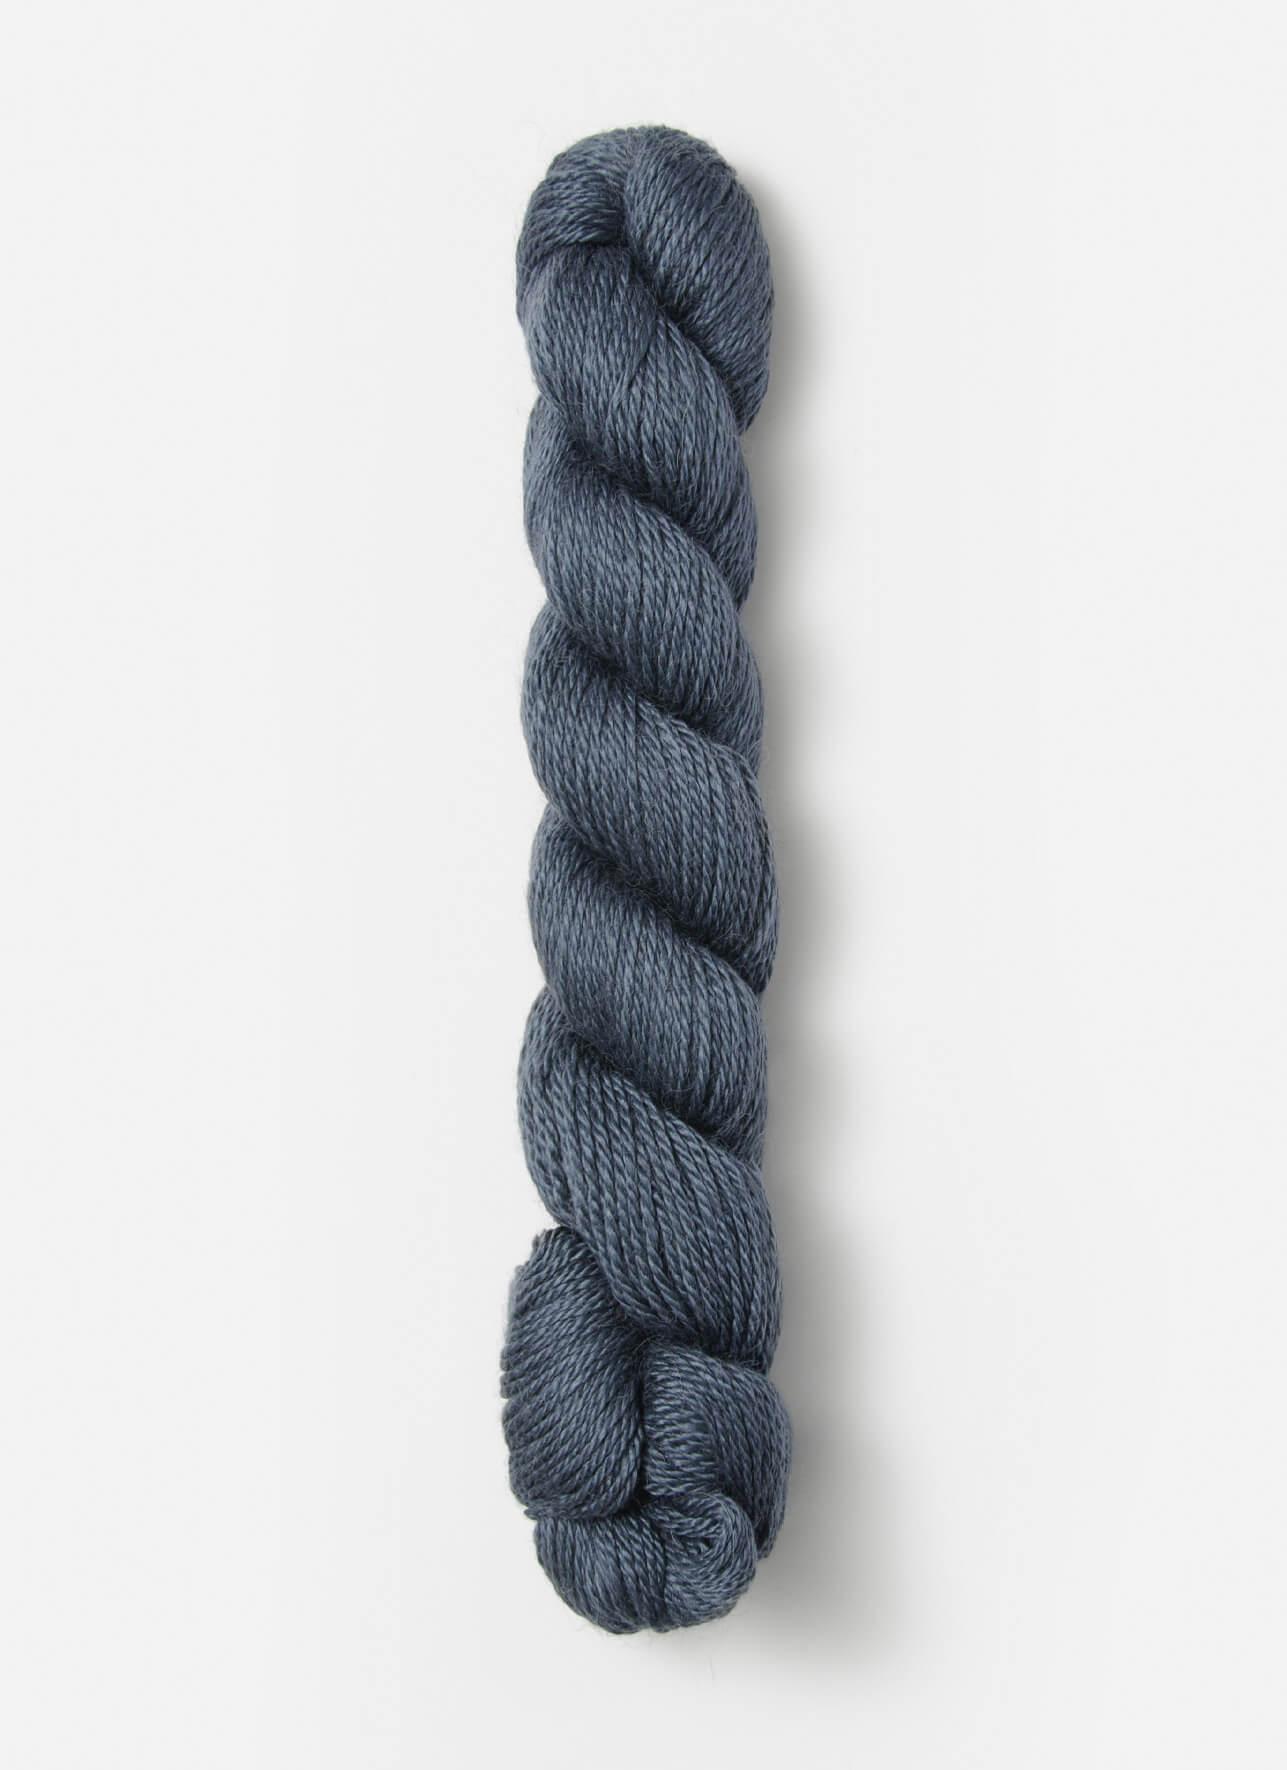 No. 127: Blue